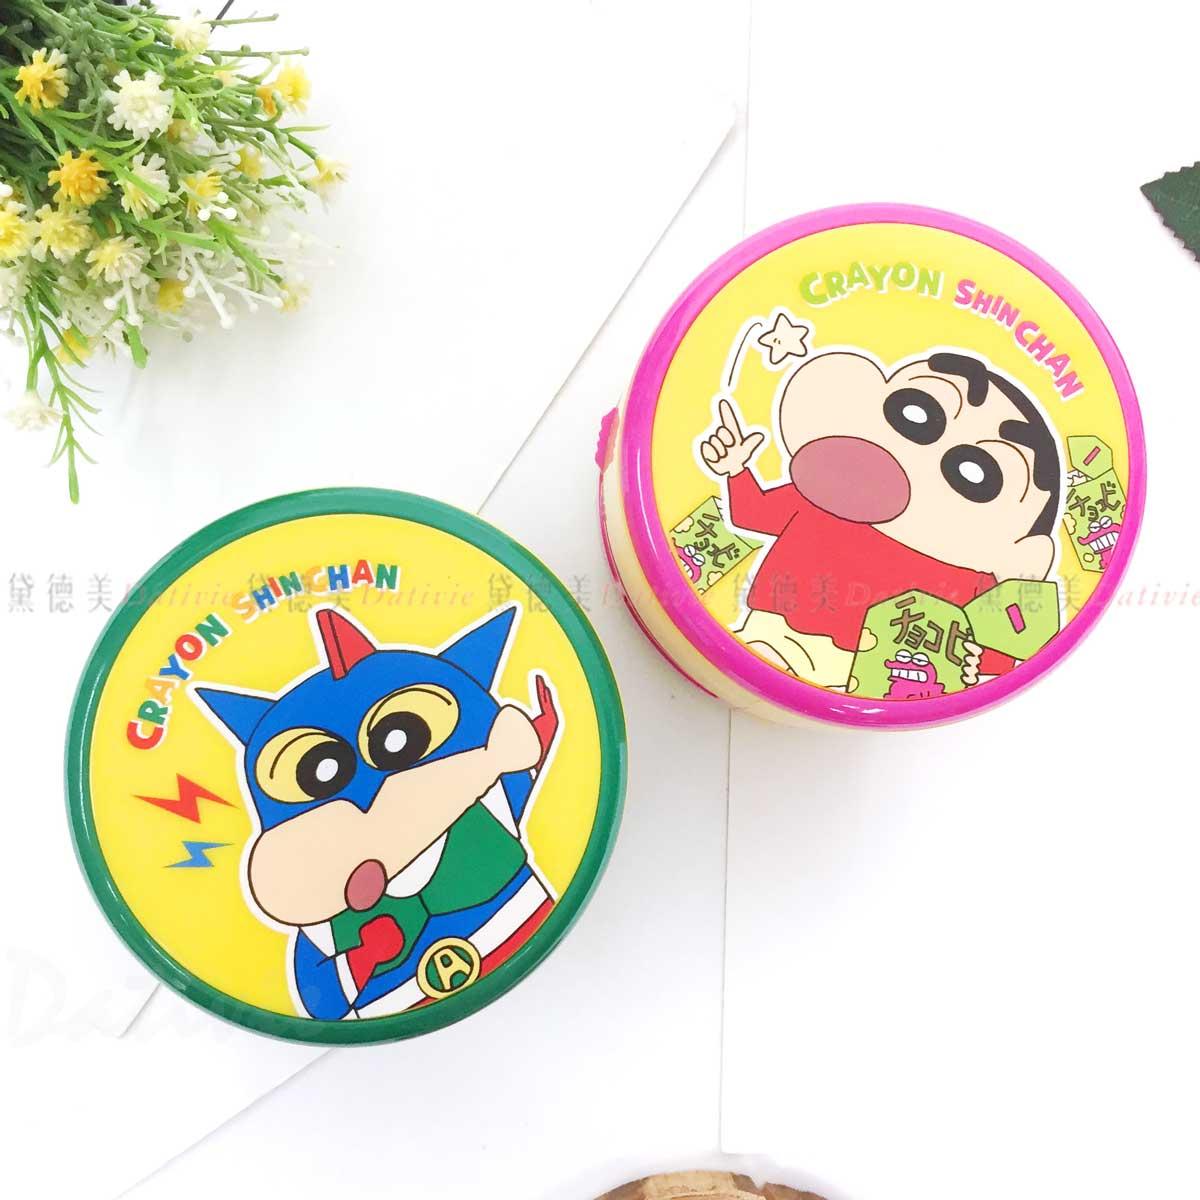 桌上型迷你吸塵器-蠟筆小新 Crayon Shin Chain クレヨンしんちゃん 韓國進口正版授權